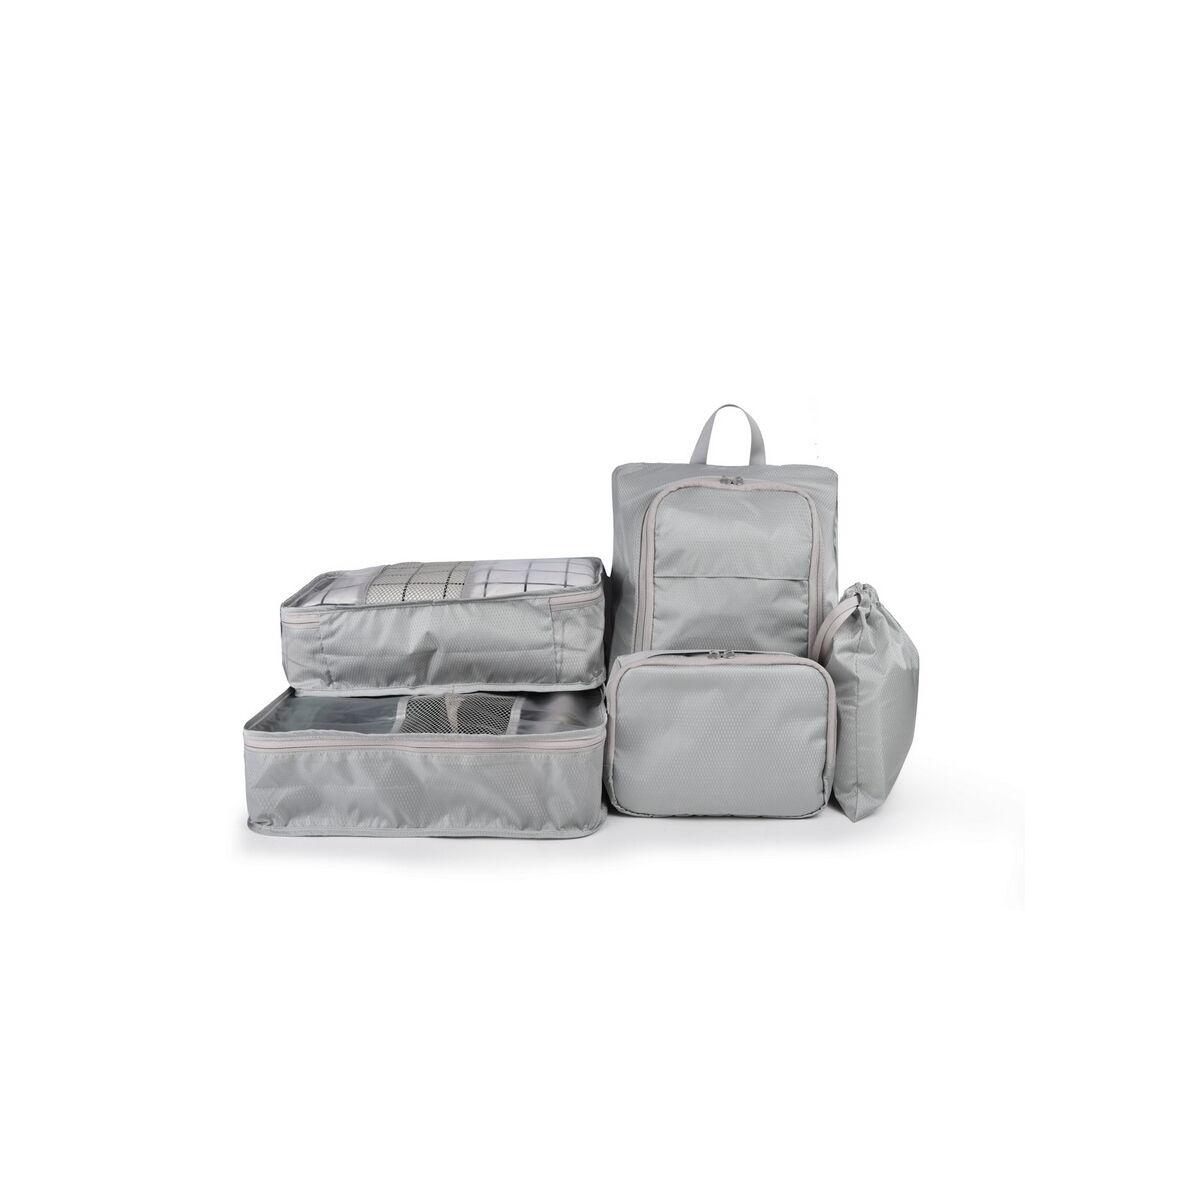 WiWu kézi táska, 6-in-1 börönd rendező szett utazáshoz, szürke